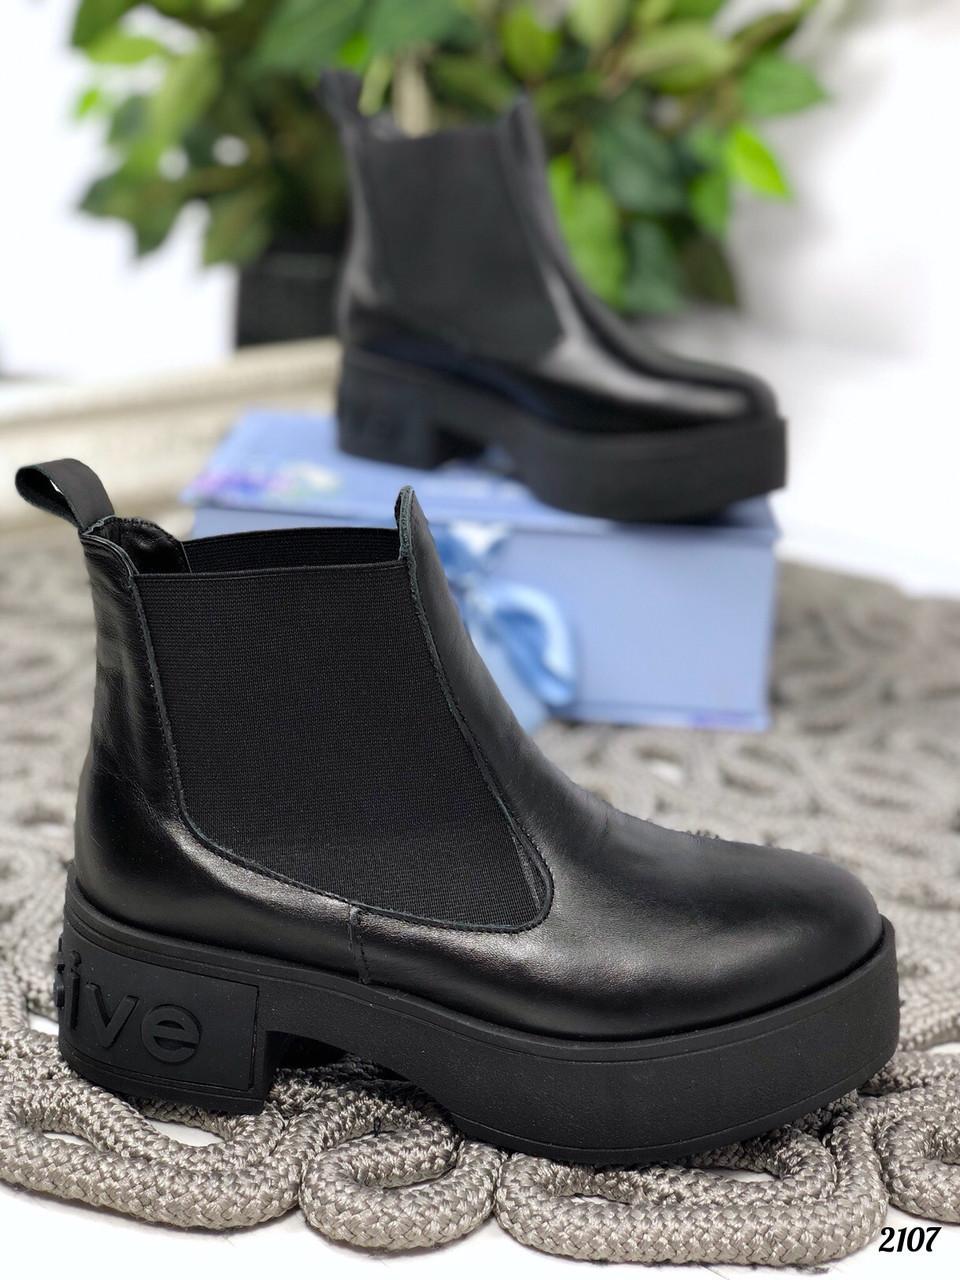 38р. Ботинки женские деми черные кожаные на среднем каблуке, демисезонные,из натуральной кожи,натуральная кожа